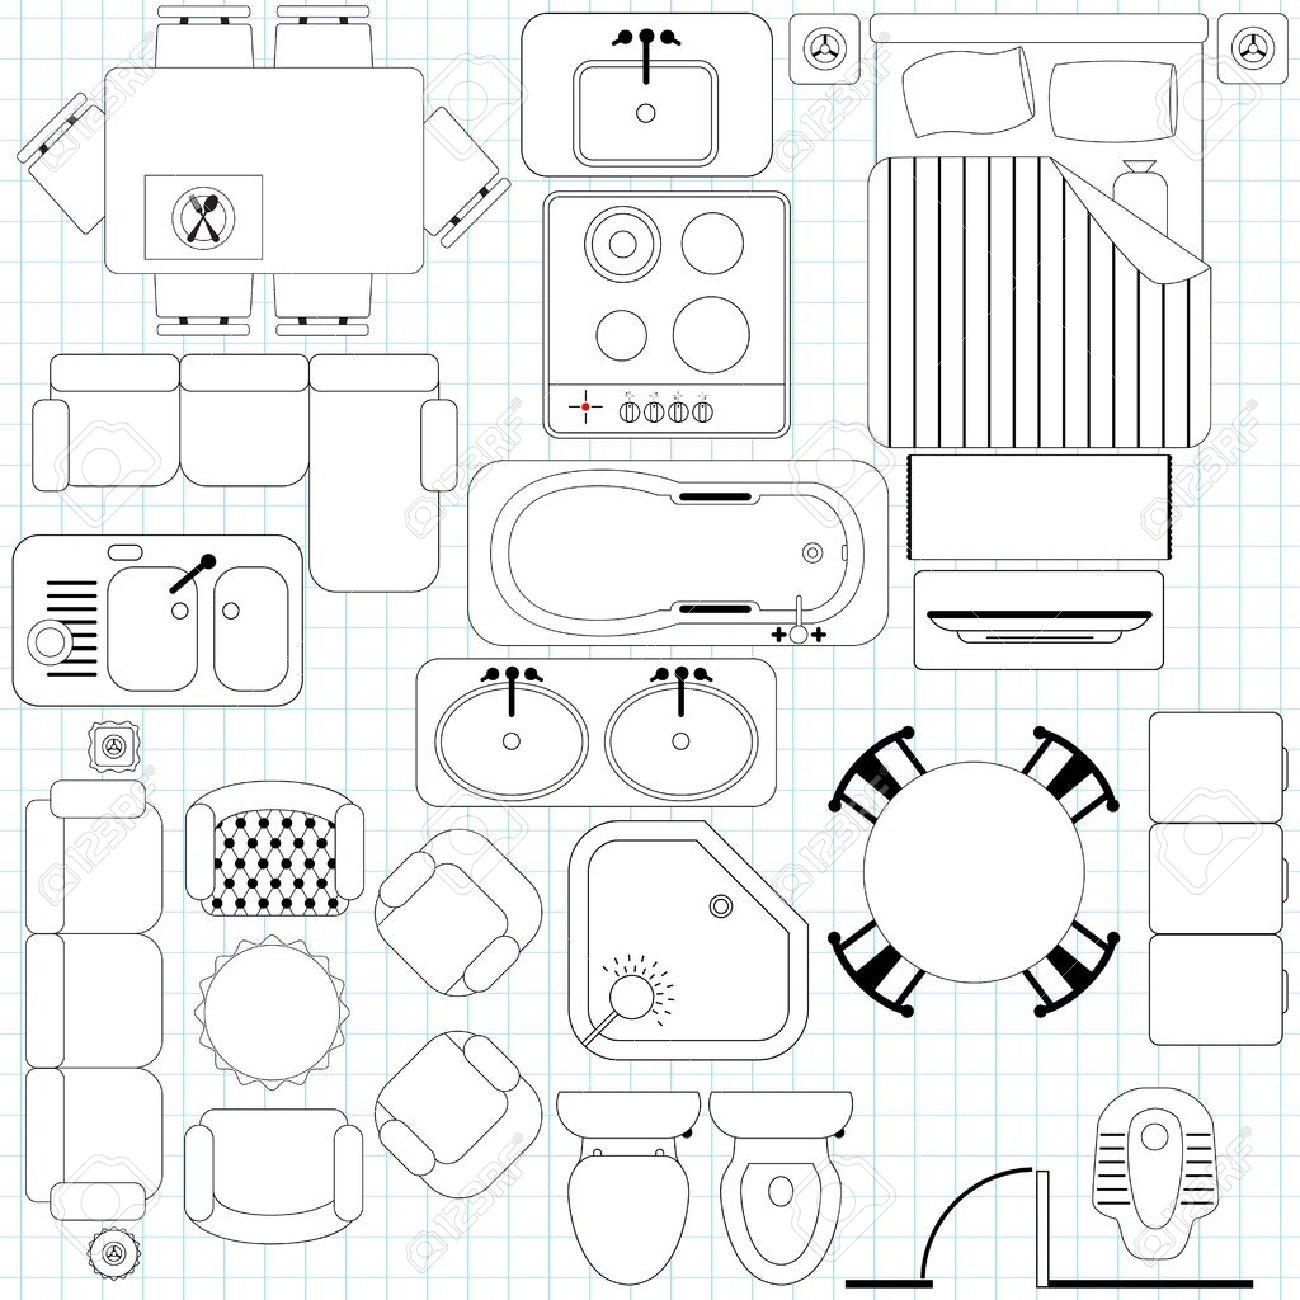 Ic Nes Contour Simple Plan Meubles Tage Clip Art Libres De Droits  # Plan Des Meubles